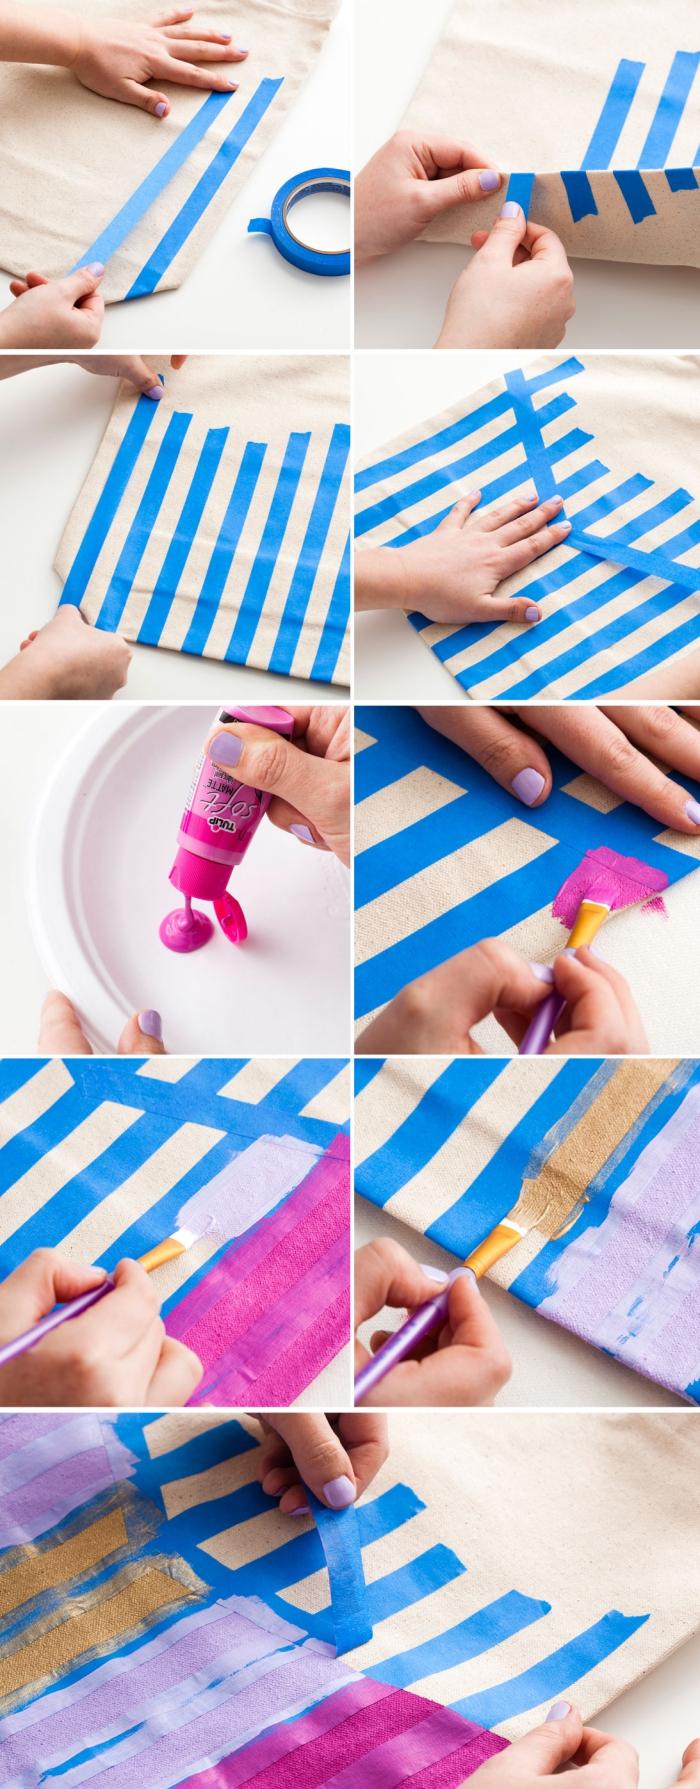 tutoriel pas à pas pour faire une déco à design rayé sur un tissu, sac à main personnalisé beige avec rayures multicolore